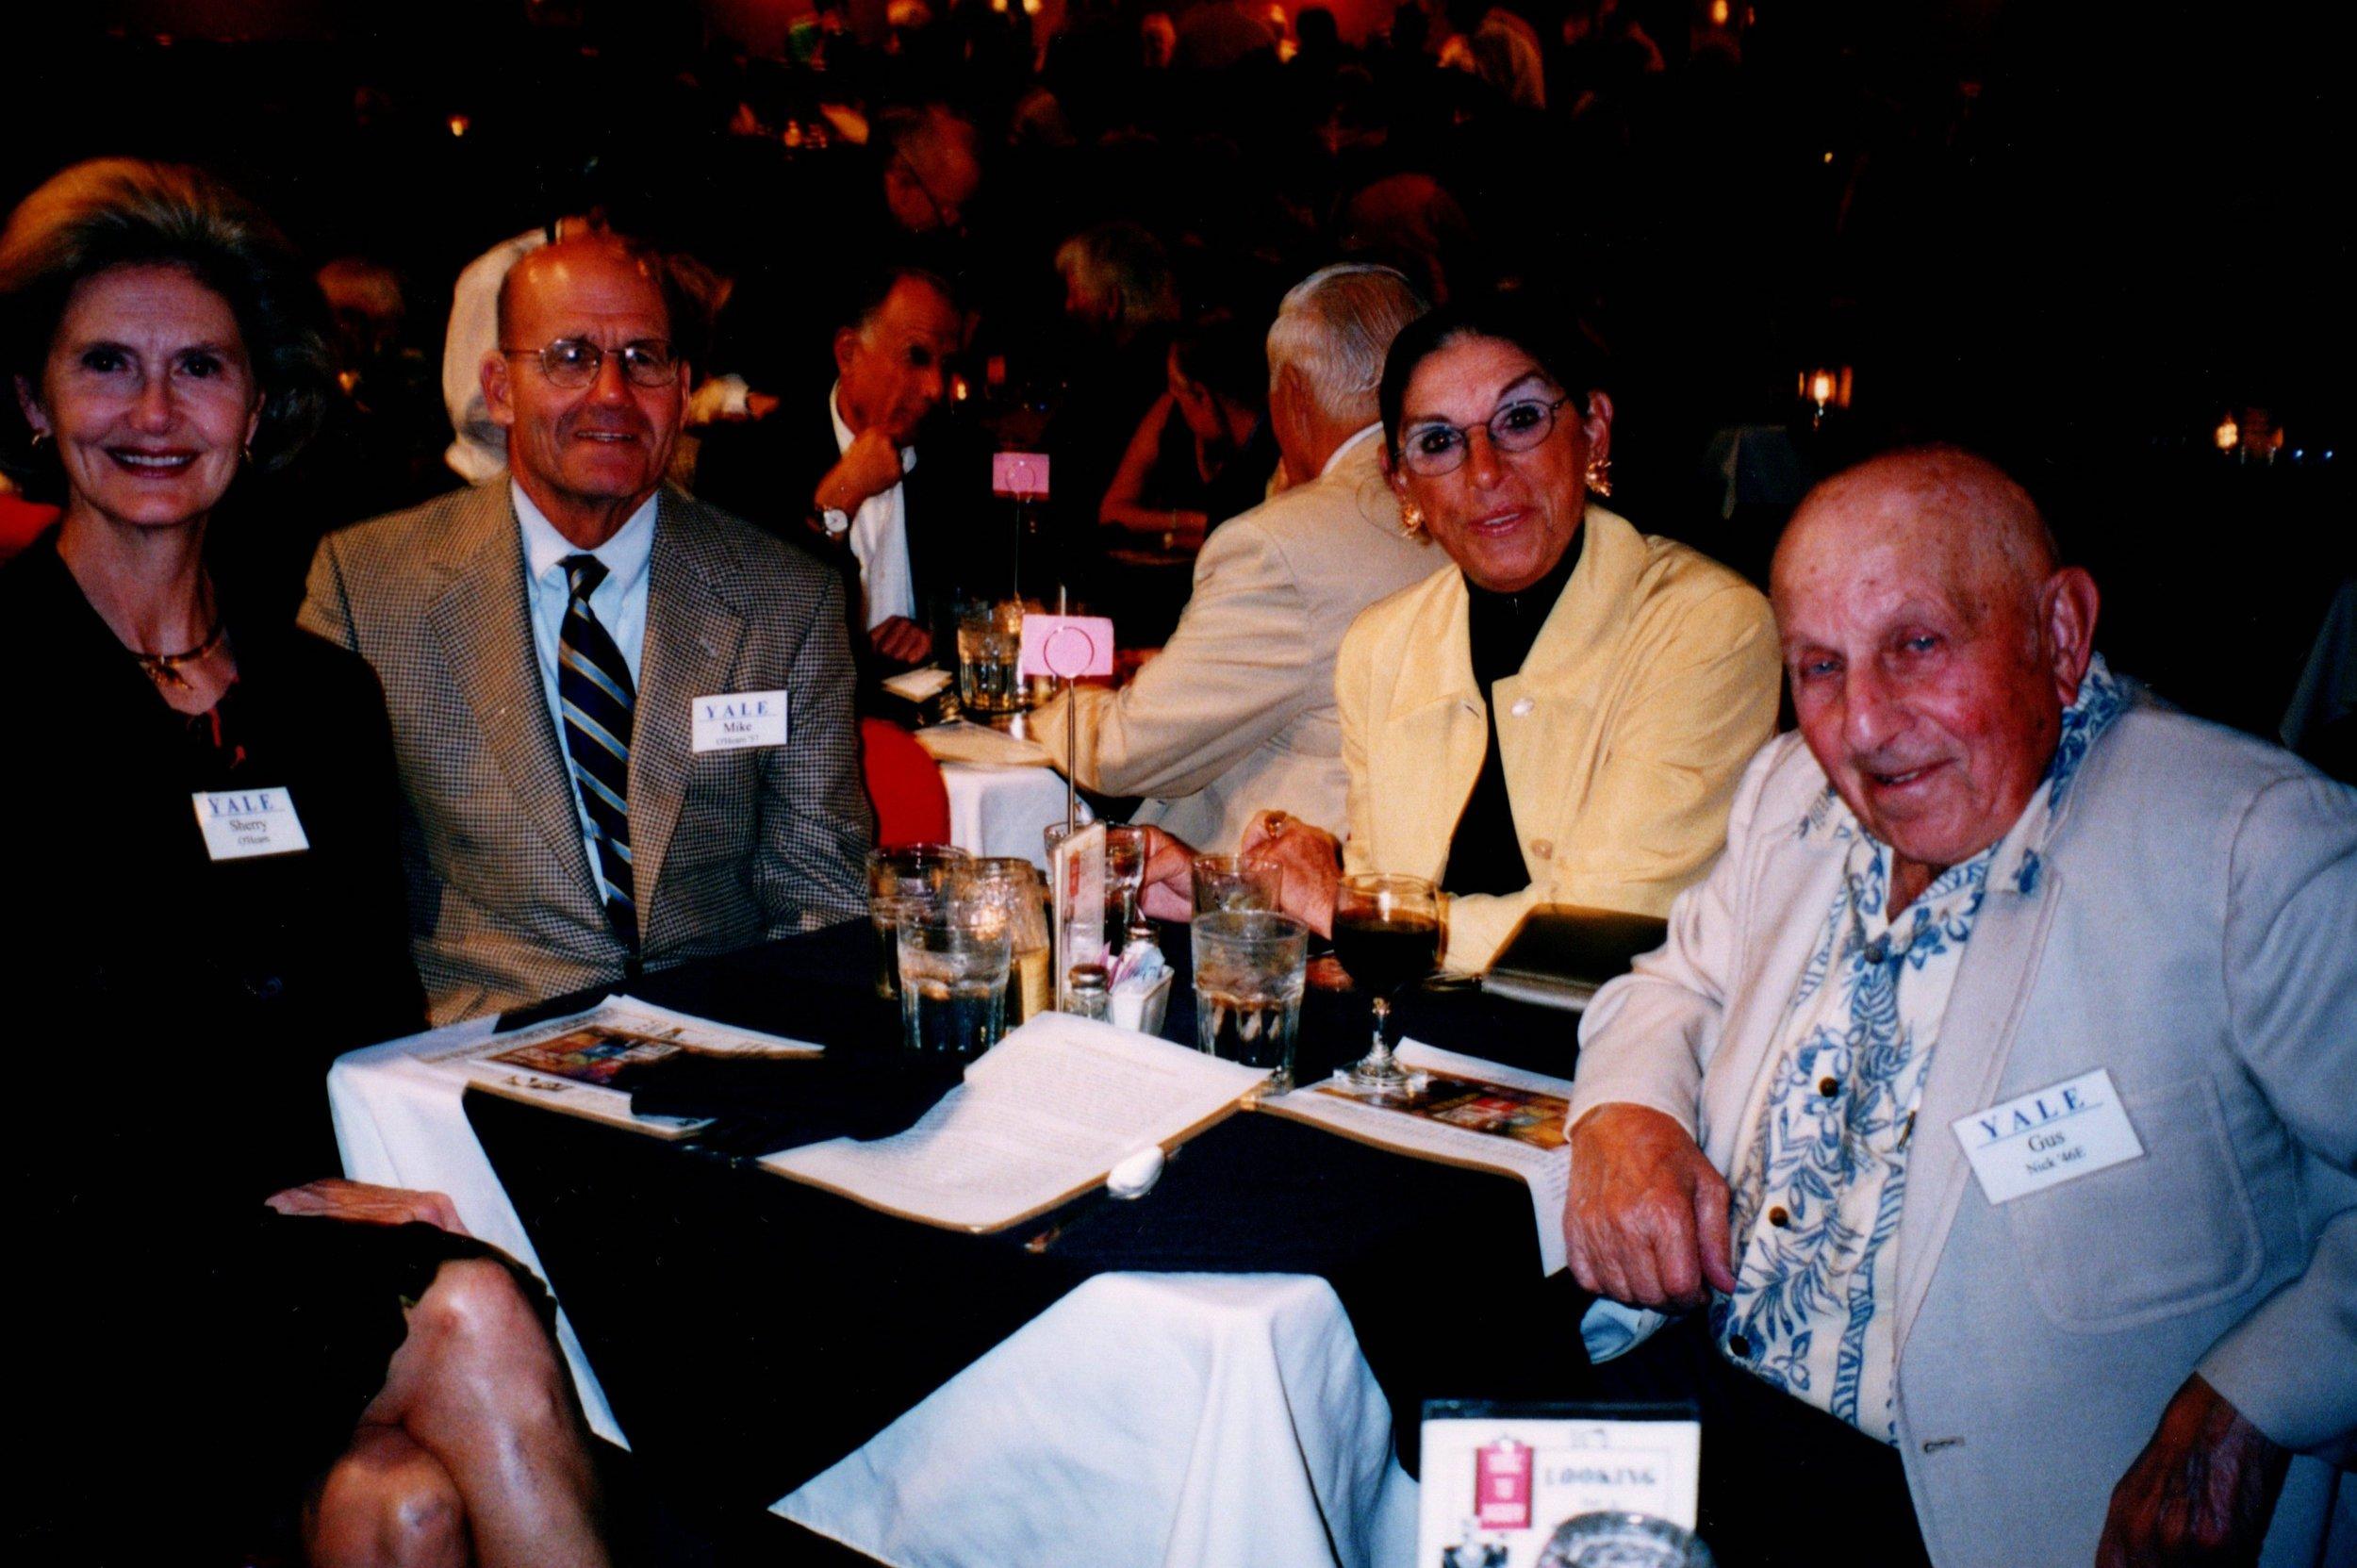 4_6_2004 - NAPLES DINNER THEATER 3.jpg